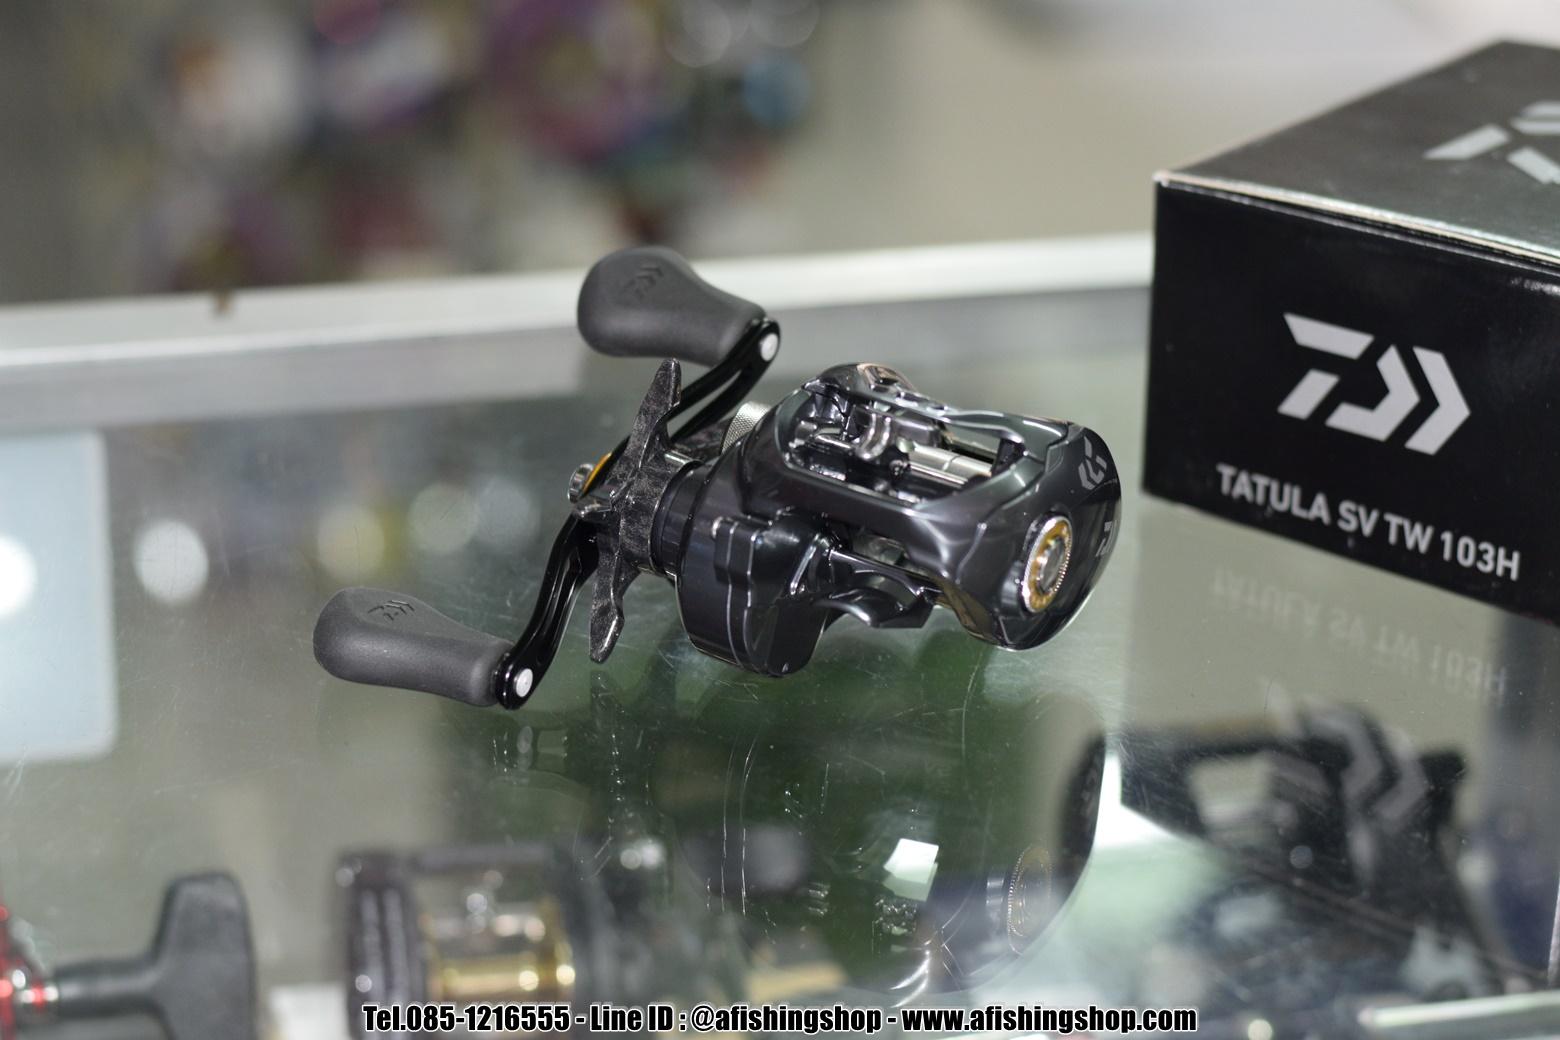 TATULA SV TW 103H